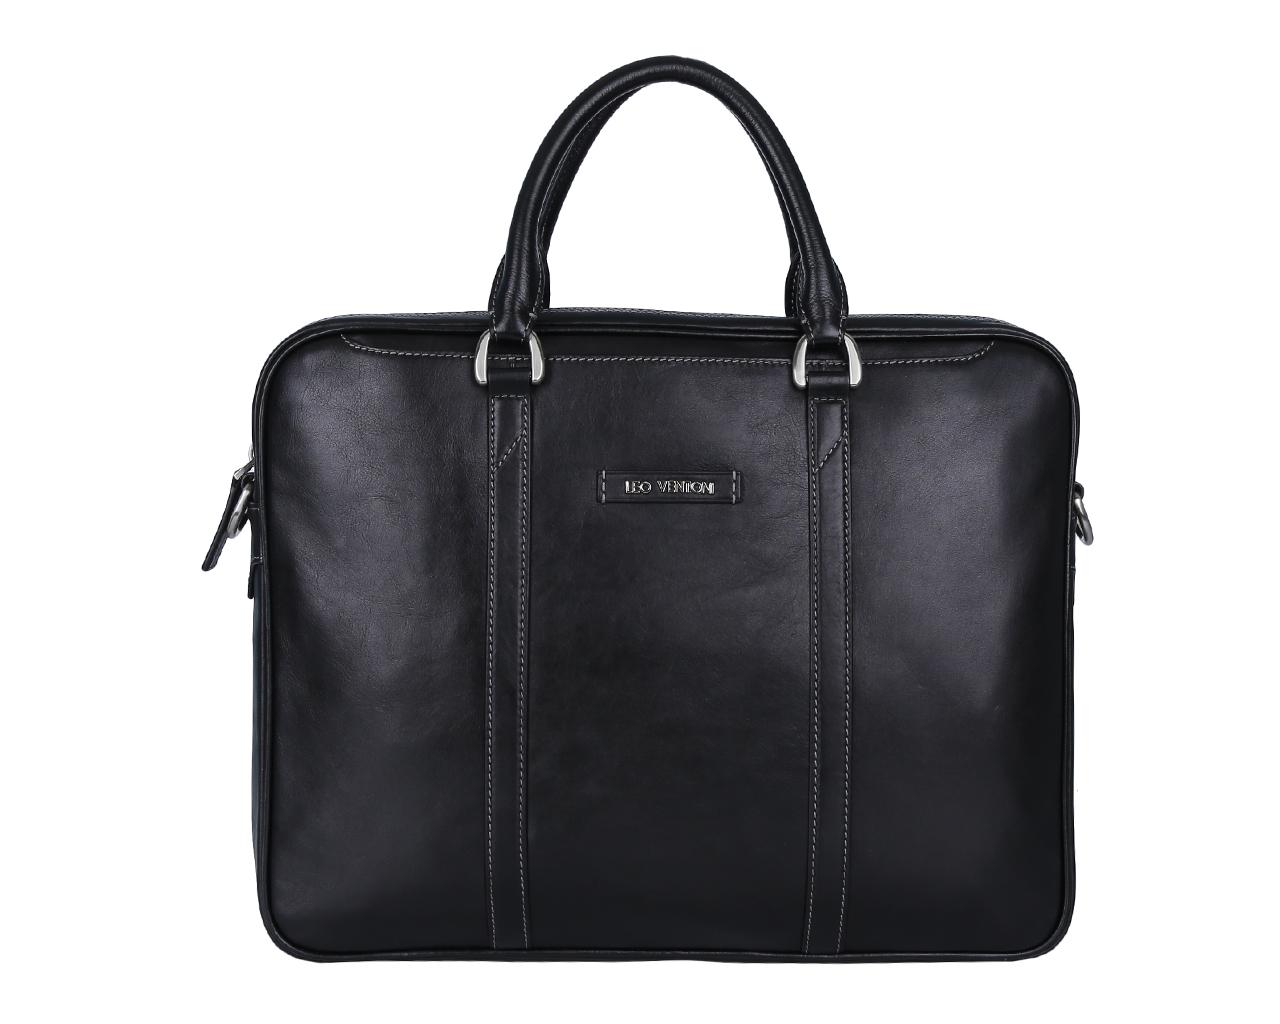 Сумка мужская Leo Ventoni, цвет: черный. 03002386L39845800Стильная мужская сумка Leo Ventoni выполнена из натуральной гладкой кожи и закрывается на металлическую застежку-молнию. Внутренняя часть изделия выполнена из текстиля и натуральной кожи. Отделение сумки содержит боковой мягкий карман с хлястиком на липучке для планшета, врезной карман на пластиковой молнии, два прорезных кармана и два держателя для шариковых ручек. На передней и задней стенках изделия расположены глубокие прорезные открытые карманы. Сумка декорирована металлической надписью логотипа бренда и прострочками. Изделие оснащено удобными ручками для переноски. К сумке прилагаются наплечный ремень регулируемой длины и фирменный текстильный чехол для хранения.Функциональная мужская сумка Leo Ventoni станет стильным аксессуаром для делового мужчины.